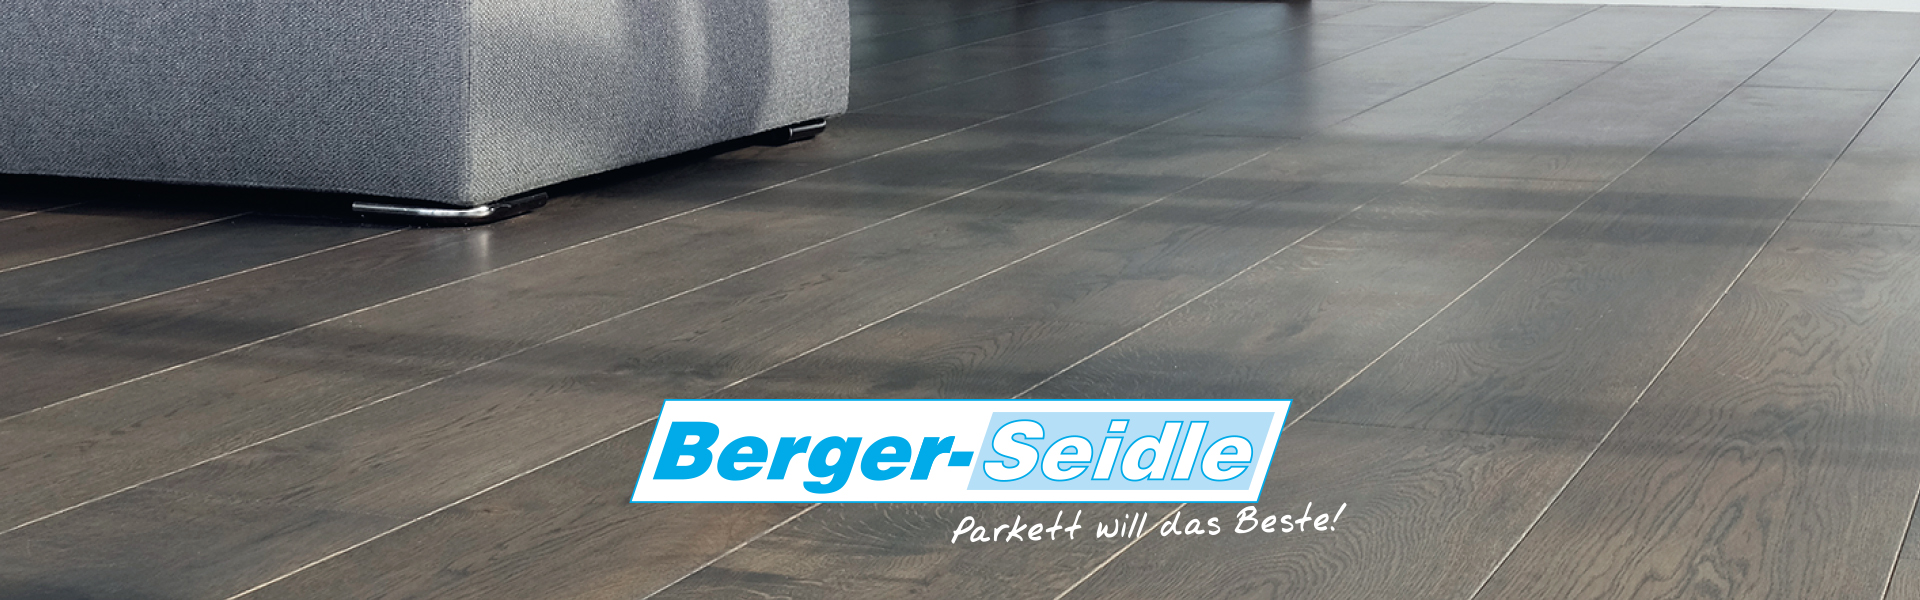 Berger-Seidle Parkett will das beste!